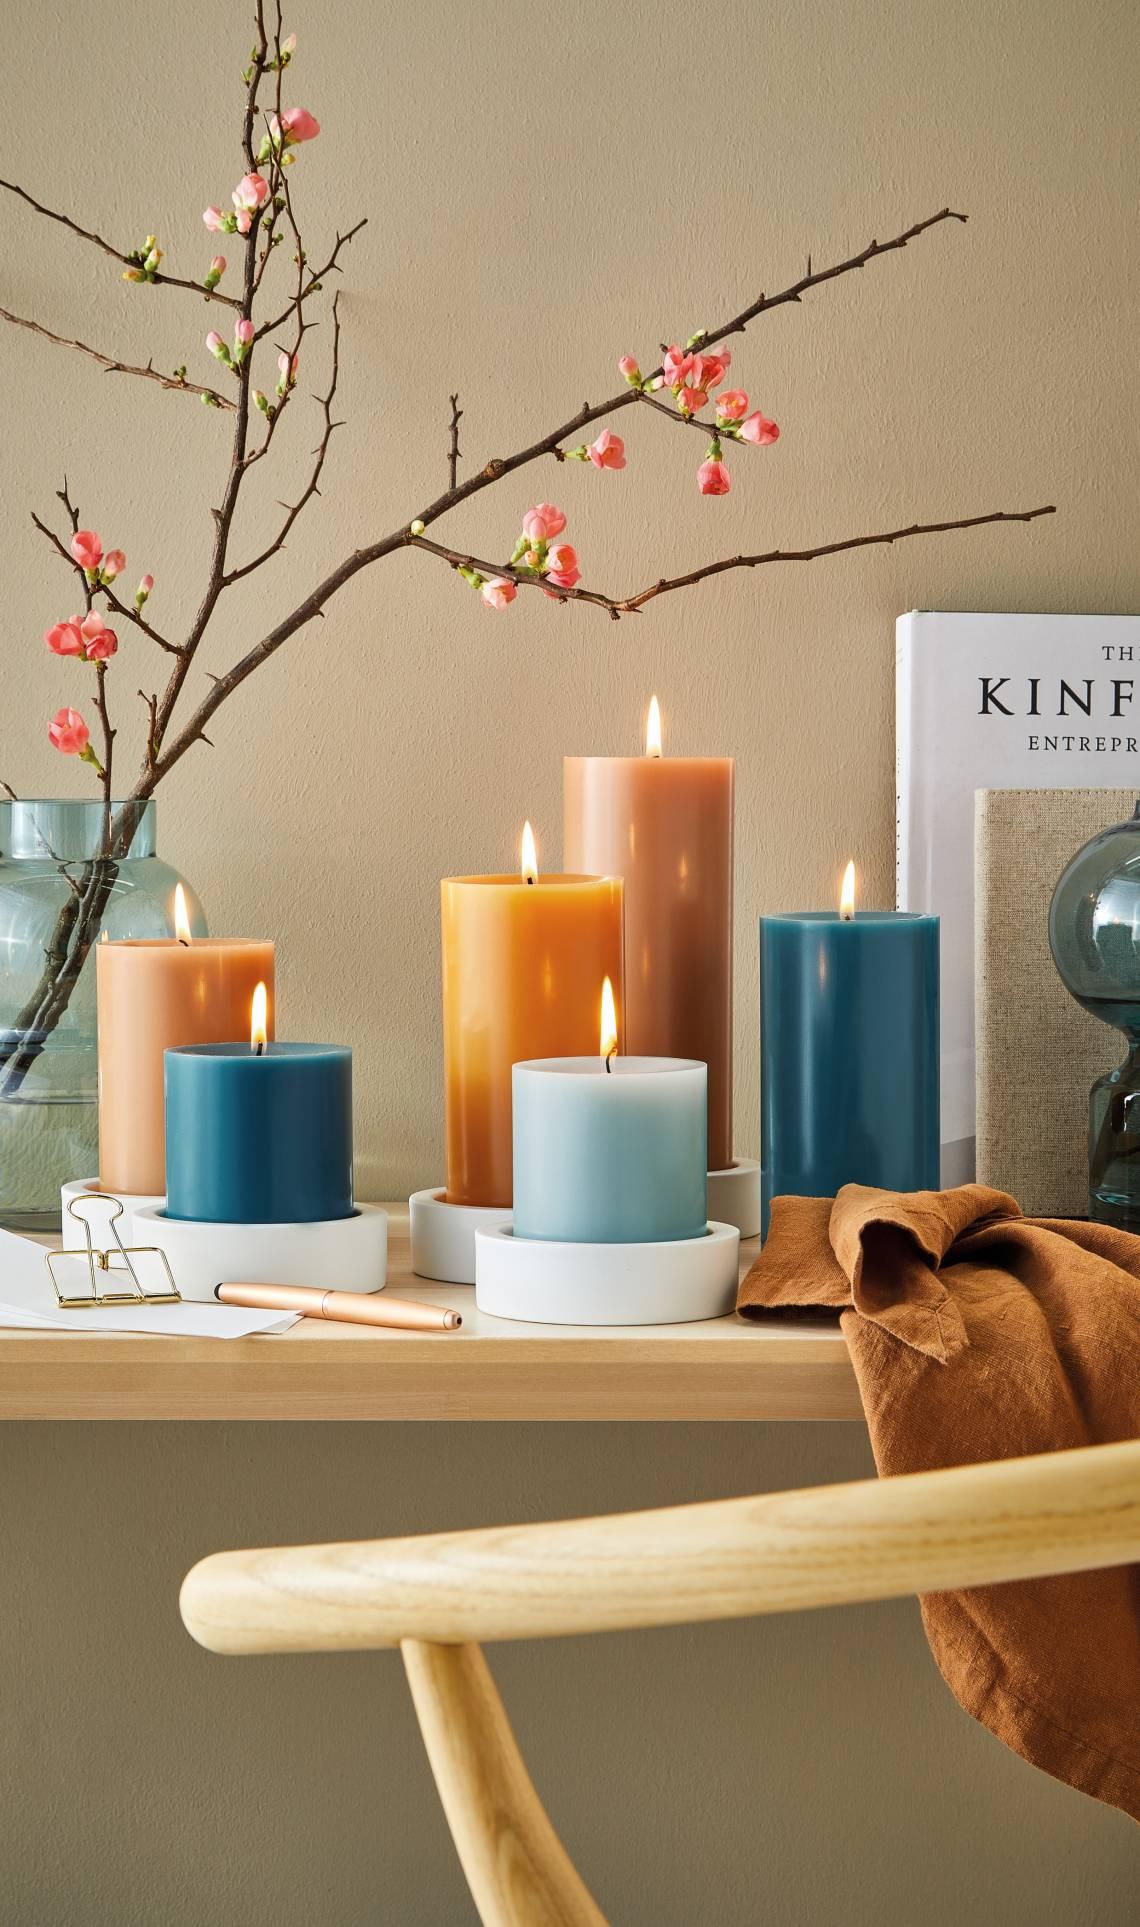 Engels Kerzen - Farbauswahl Kerzen - Blau, Brauntöne